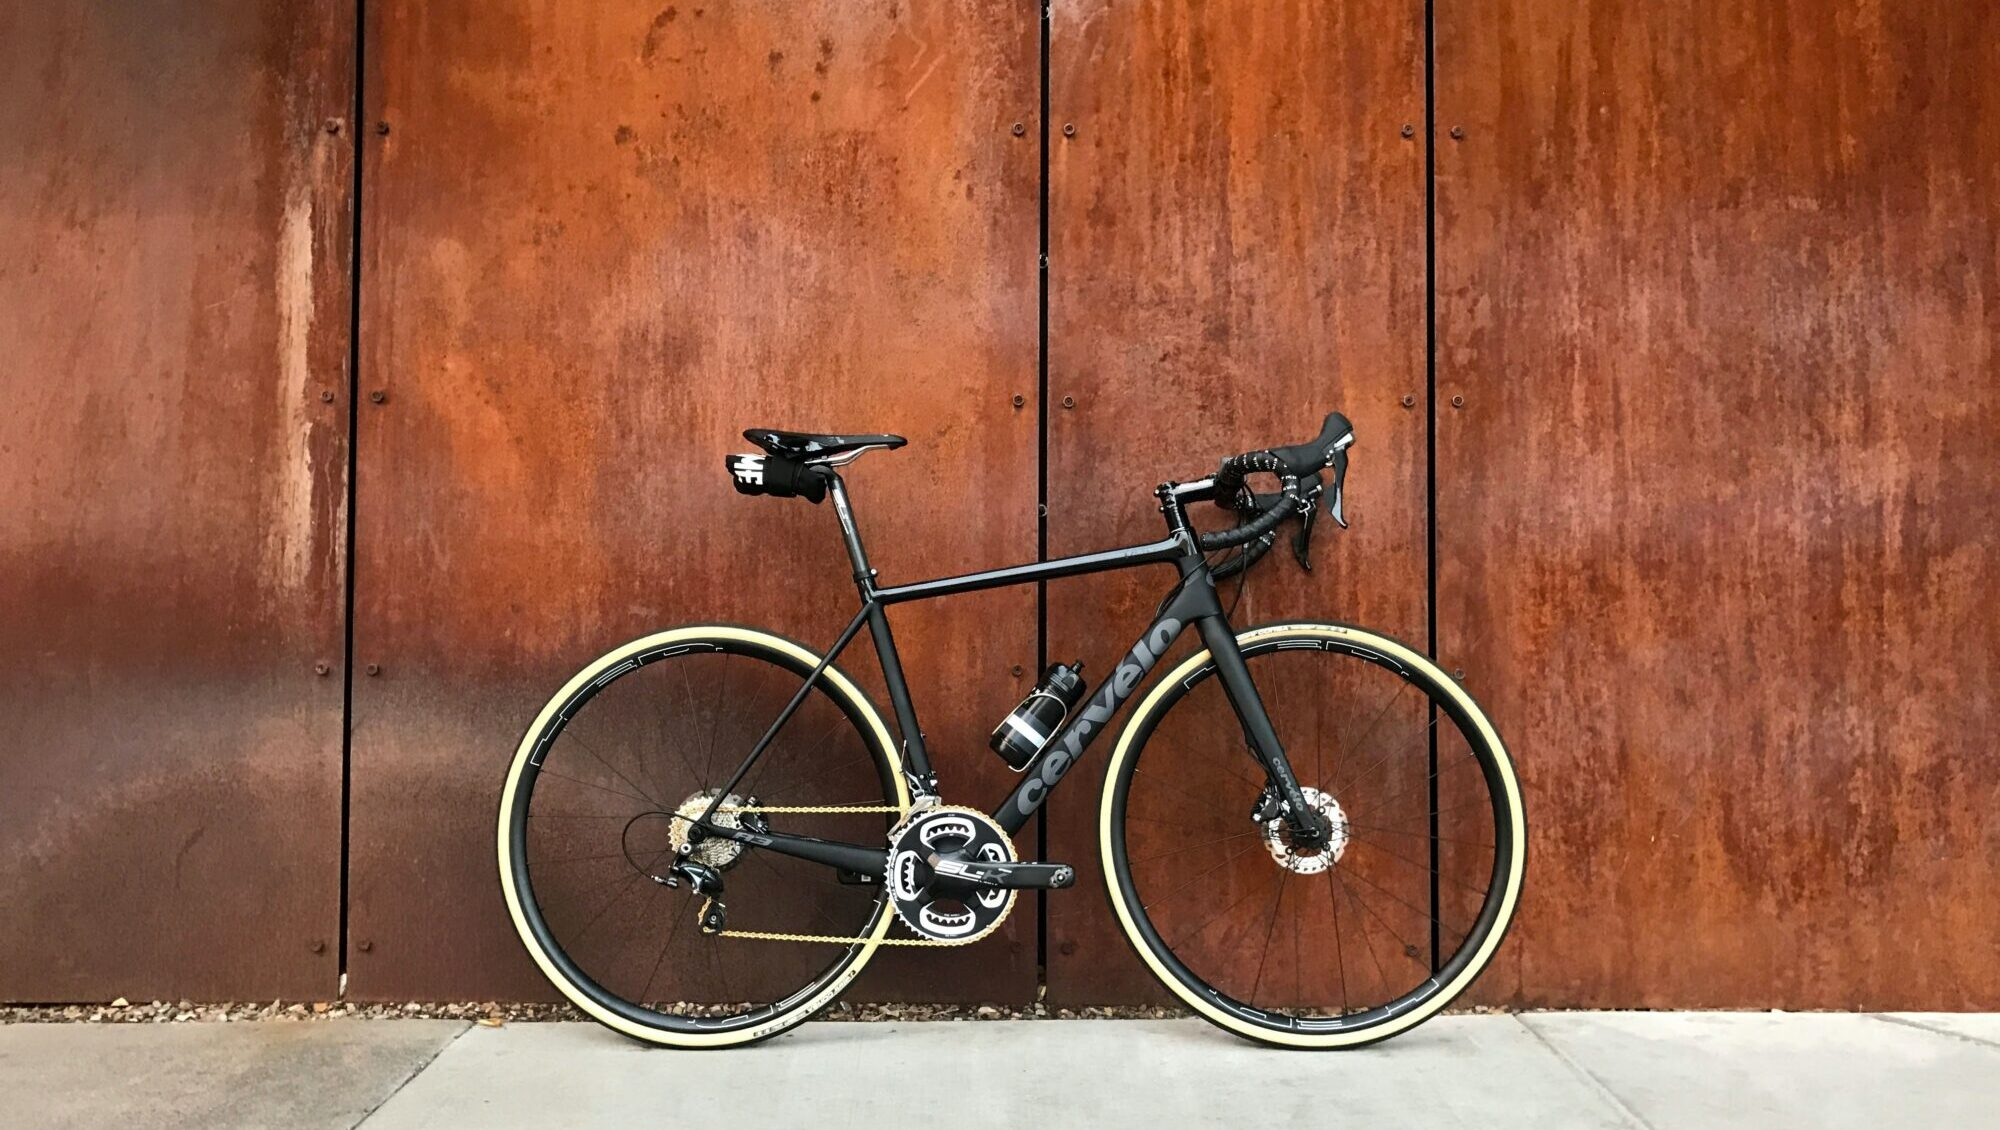 beginner entry level road bikes